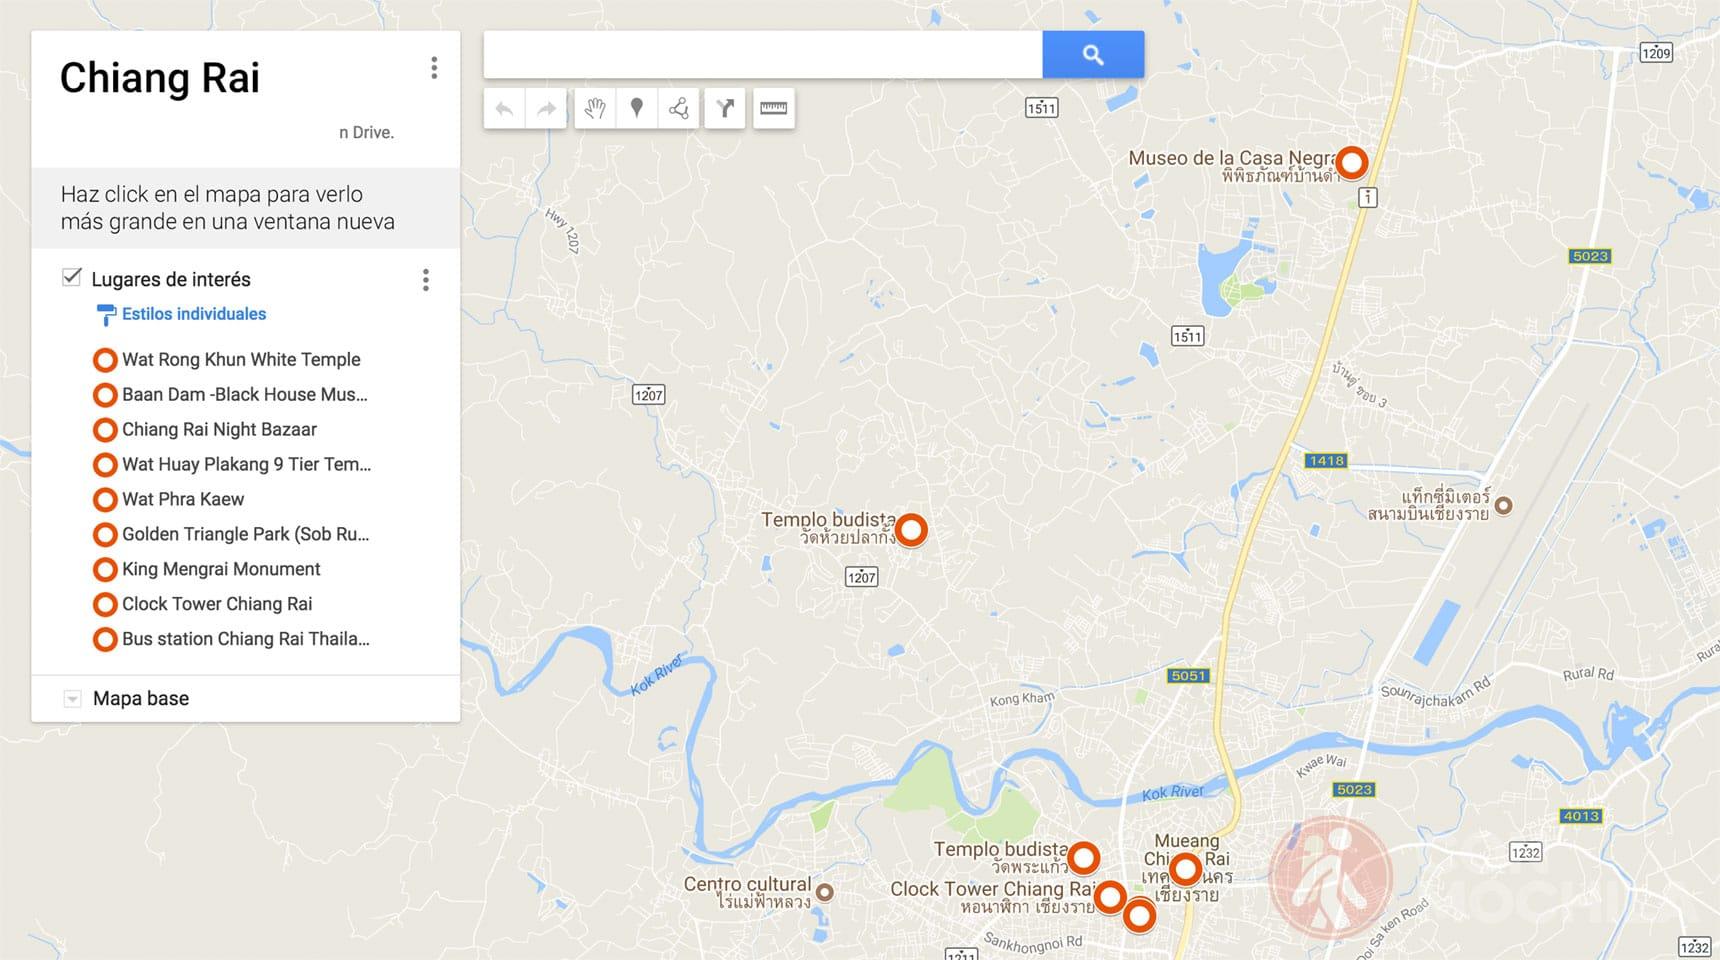 Mapa de Chiang Rai